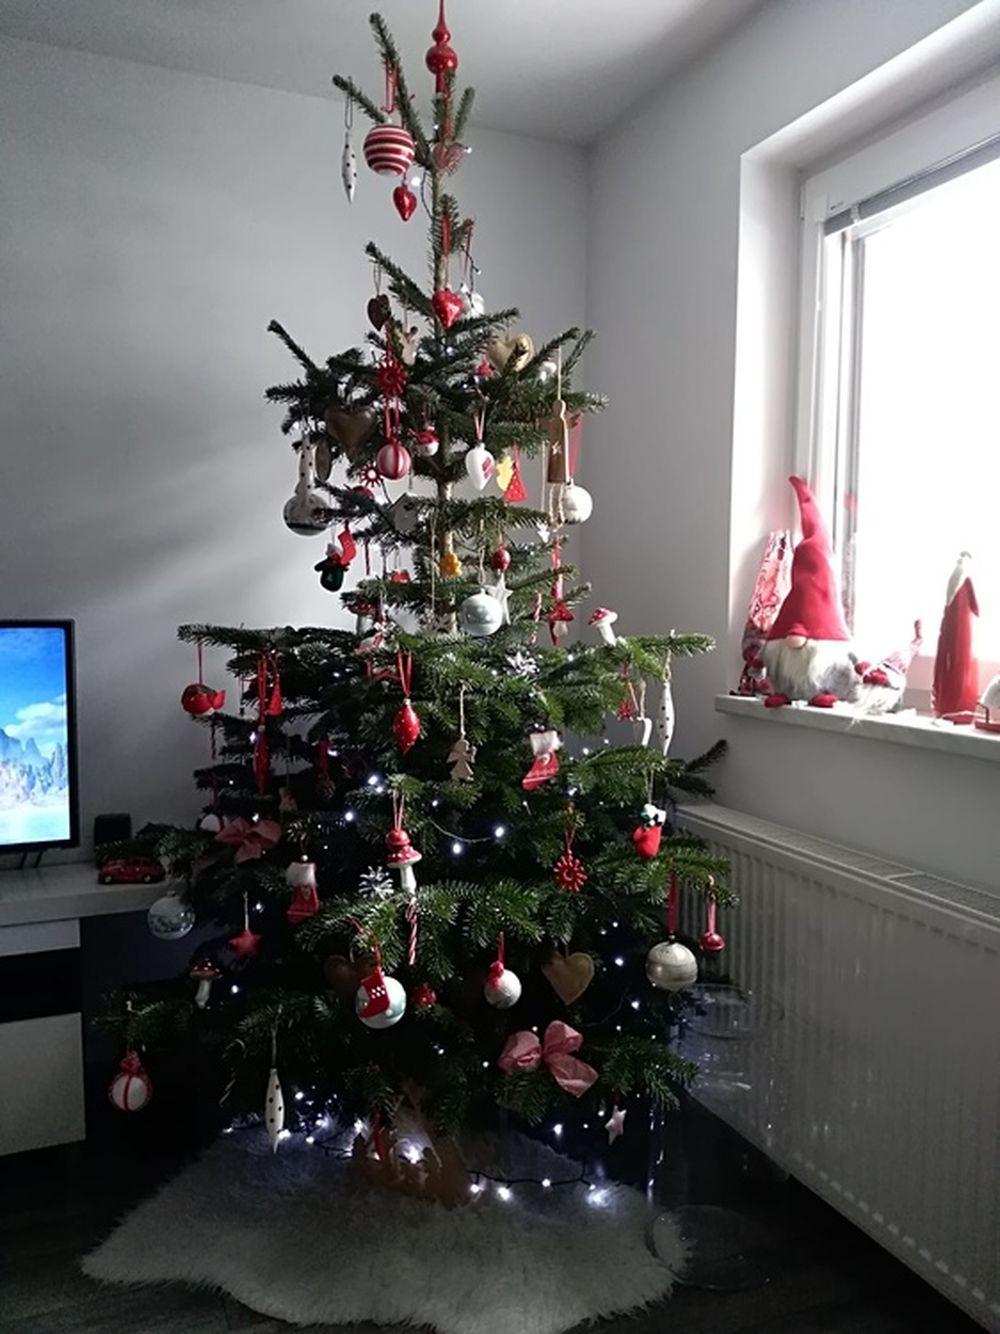 FOTO: Vianočné stromčeky v Žiline - výber fotografií našich čitateľov, foto 5